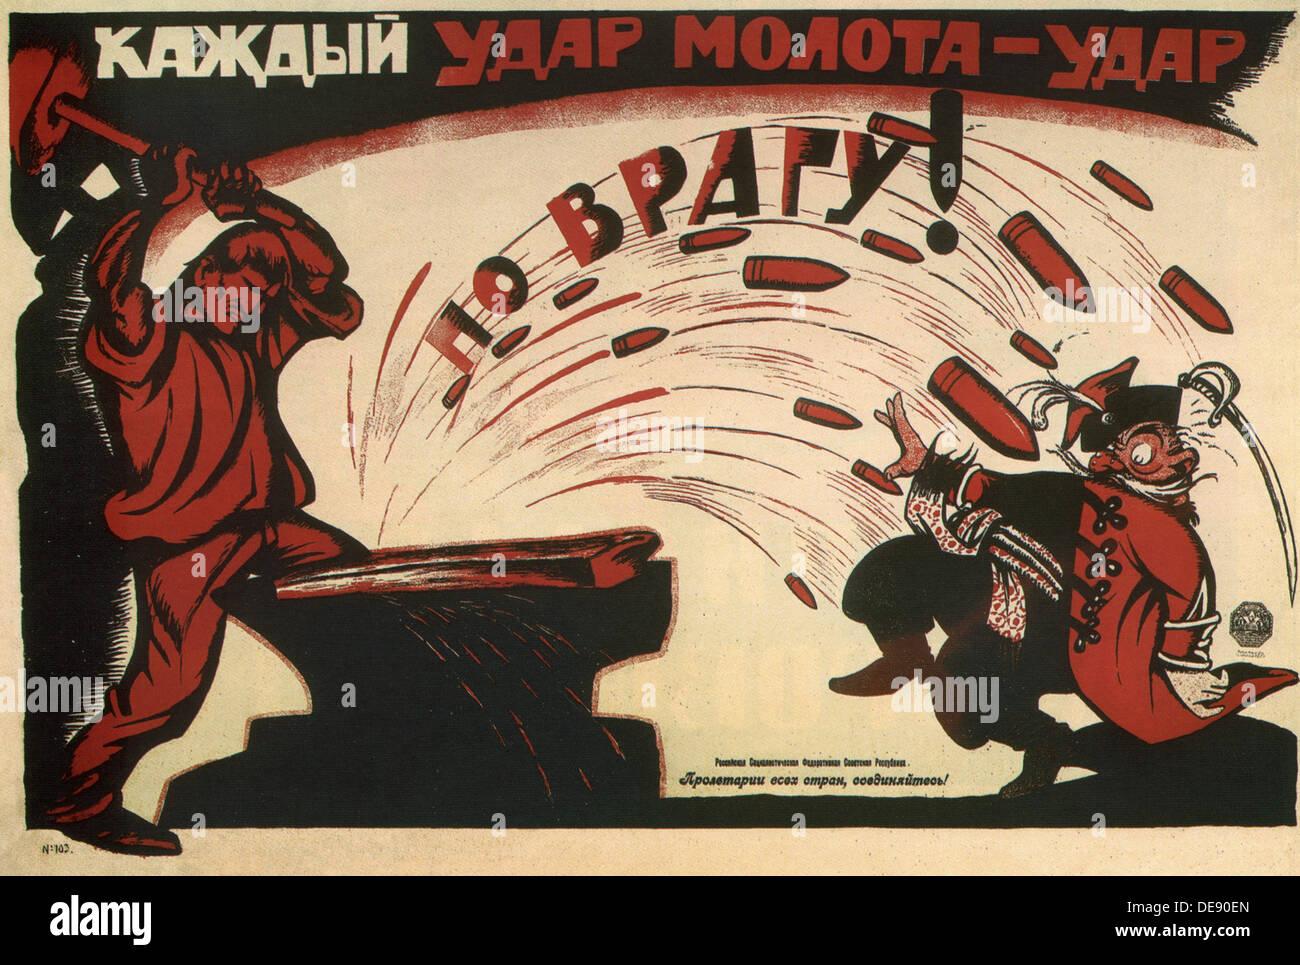 Ogni colpo di martello è un colpo al nemico! (Poster), 1920. Artista: Deni (Denissov), Viktor Nikolaevich (1893-1946) Immagini Stock